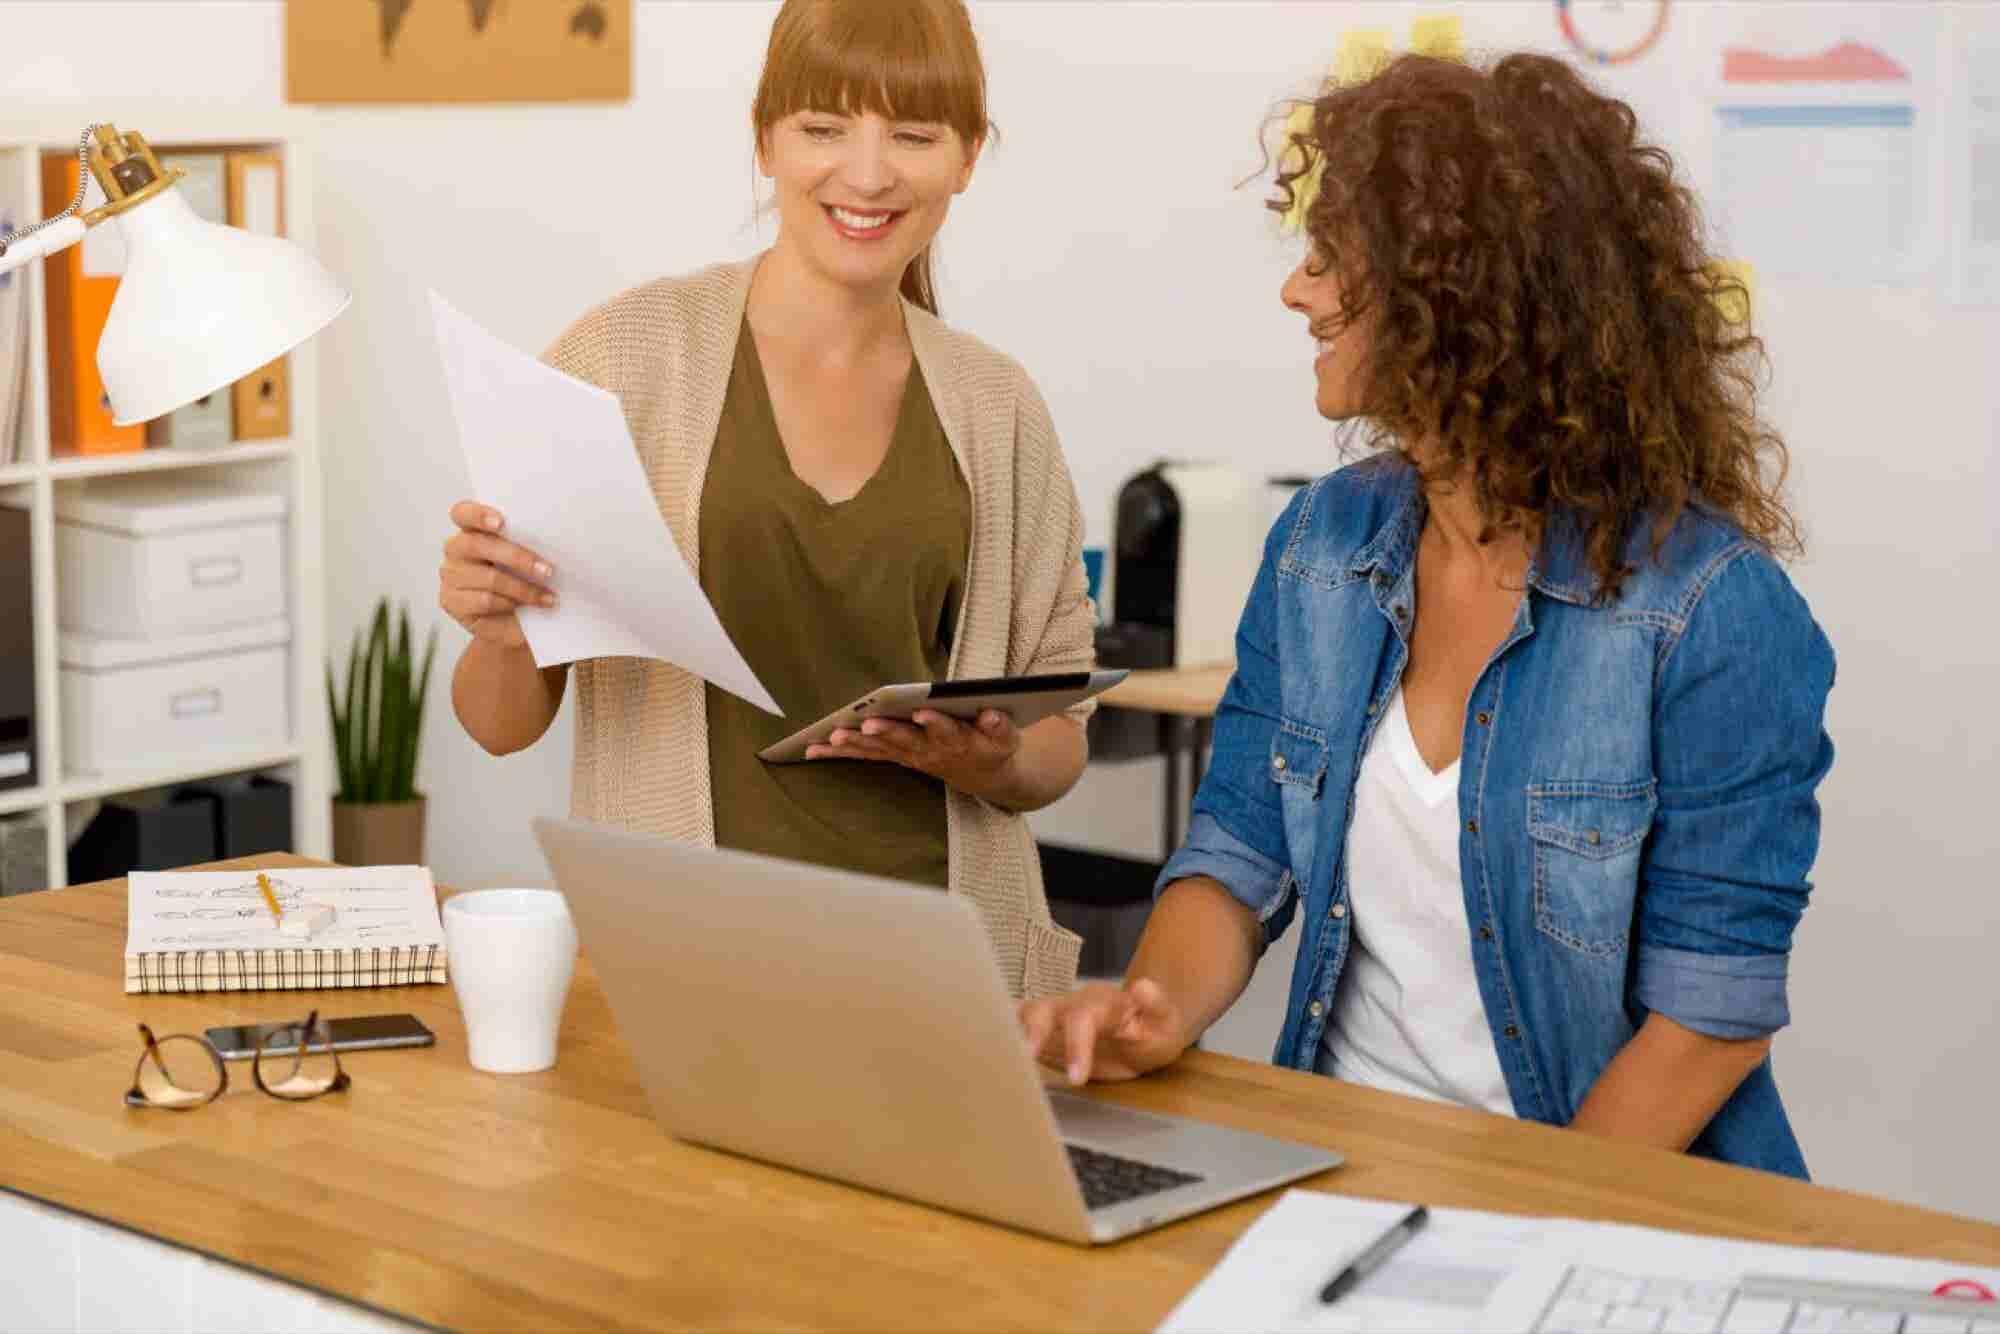 Esta es la sorpresa de Facebook para las emprendedoras en el Día Internacional de la Mujer